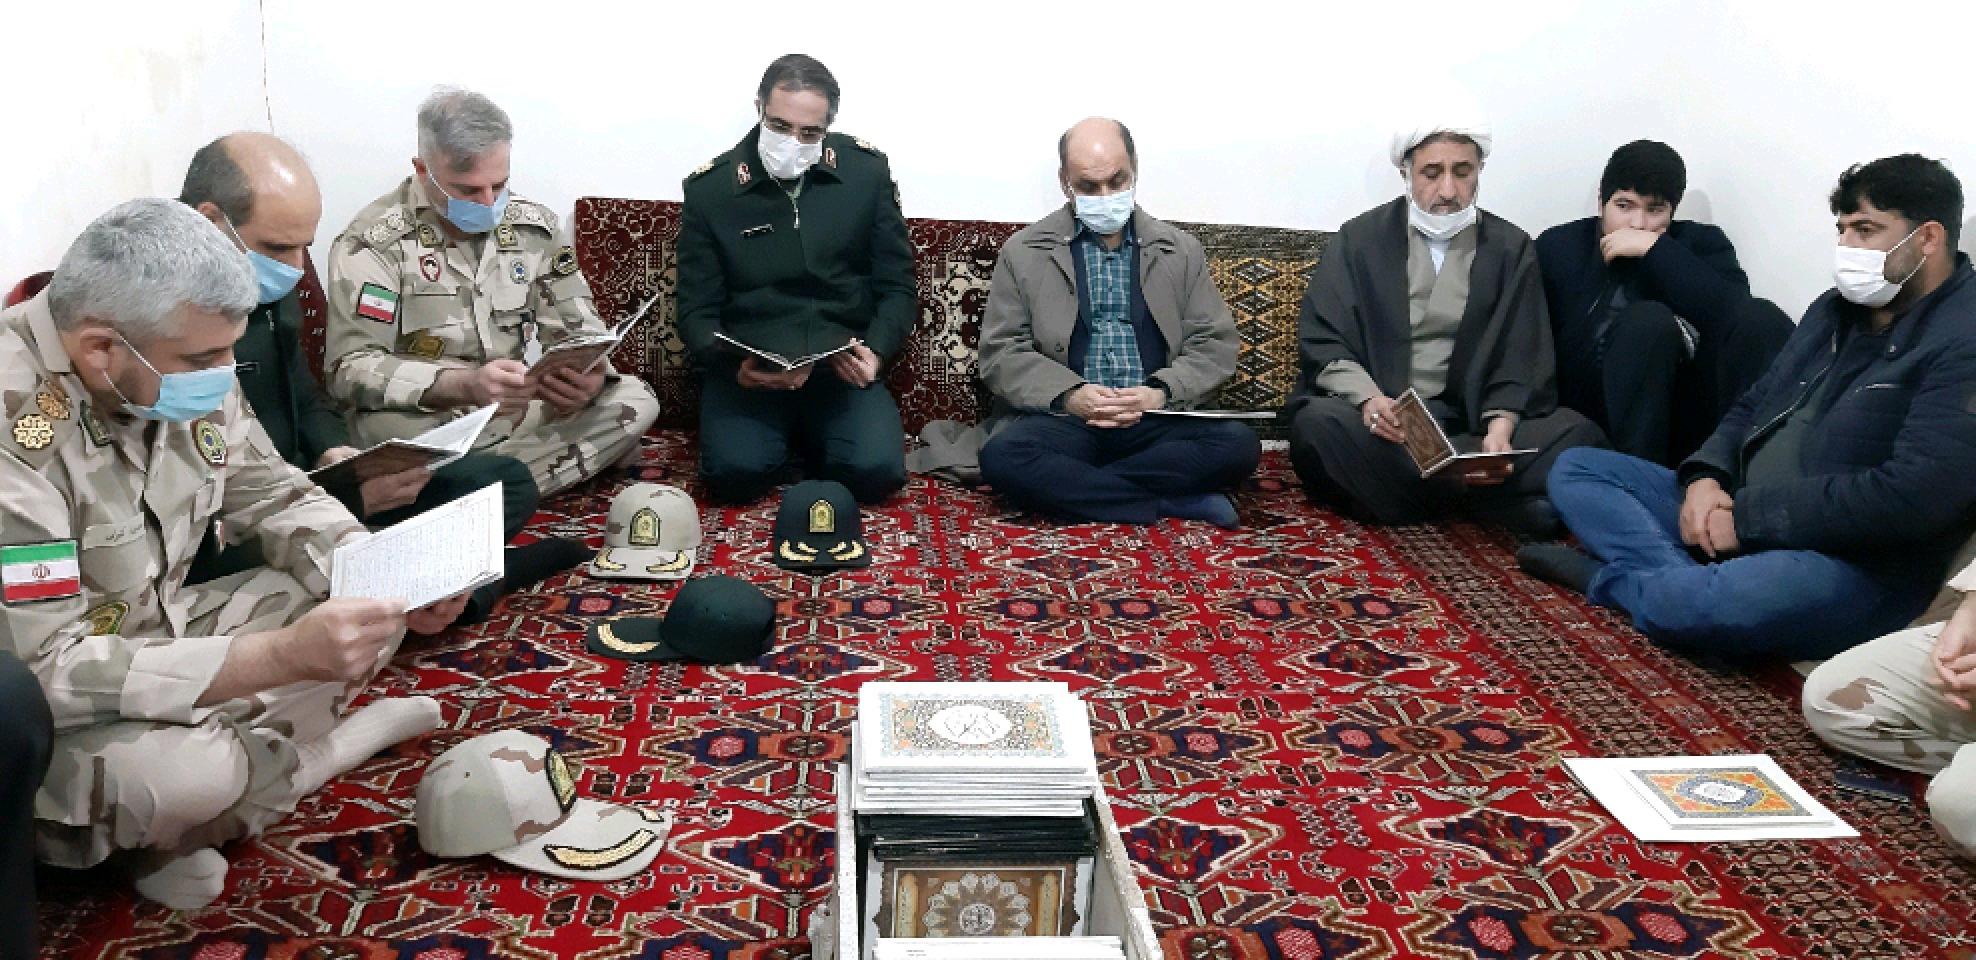 دیدار استاندار، فرمانده هان انتظامی با خانواده شهید خطیری